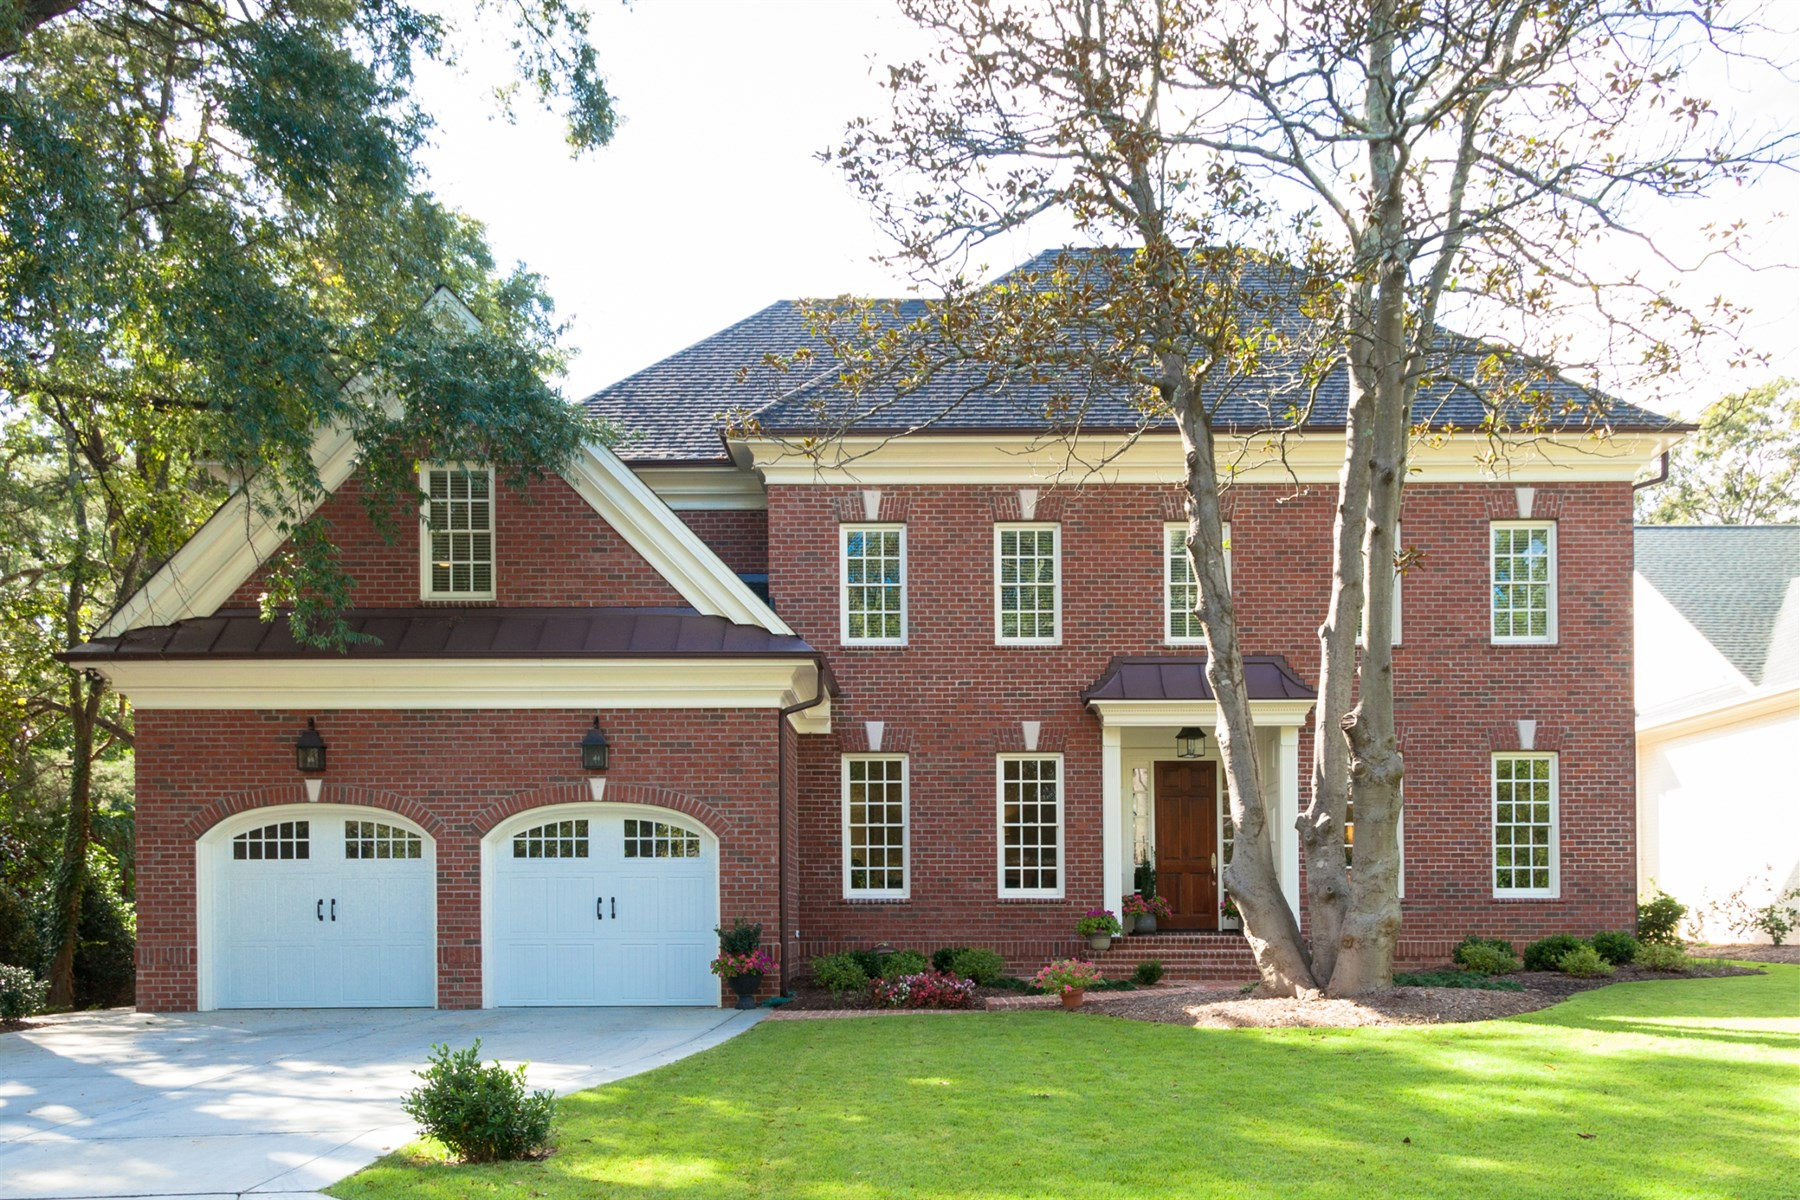 独户住宅 为 销售 在 Hayes Barton 1705 McDonald Lane 罗利, 北卡罗来纳州, 27608 美国在/周边: Cary, Chapel Hill, Durham